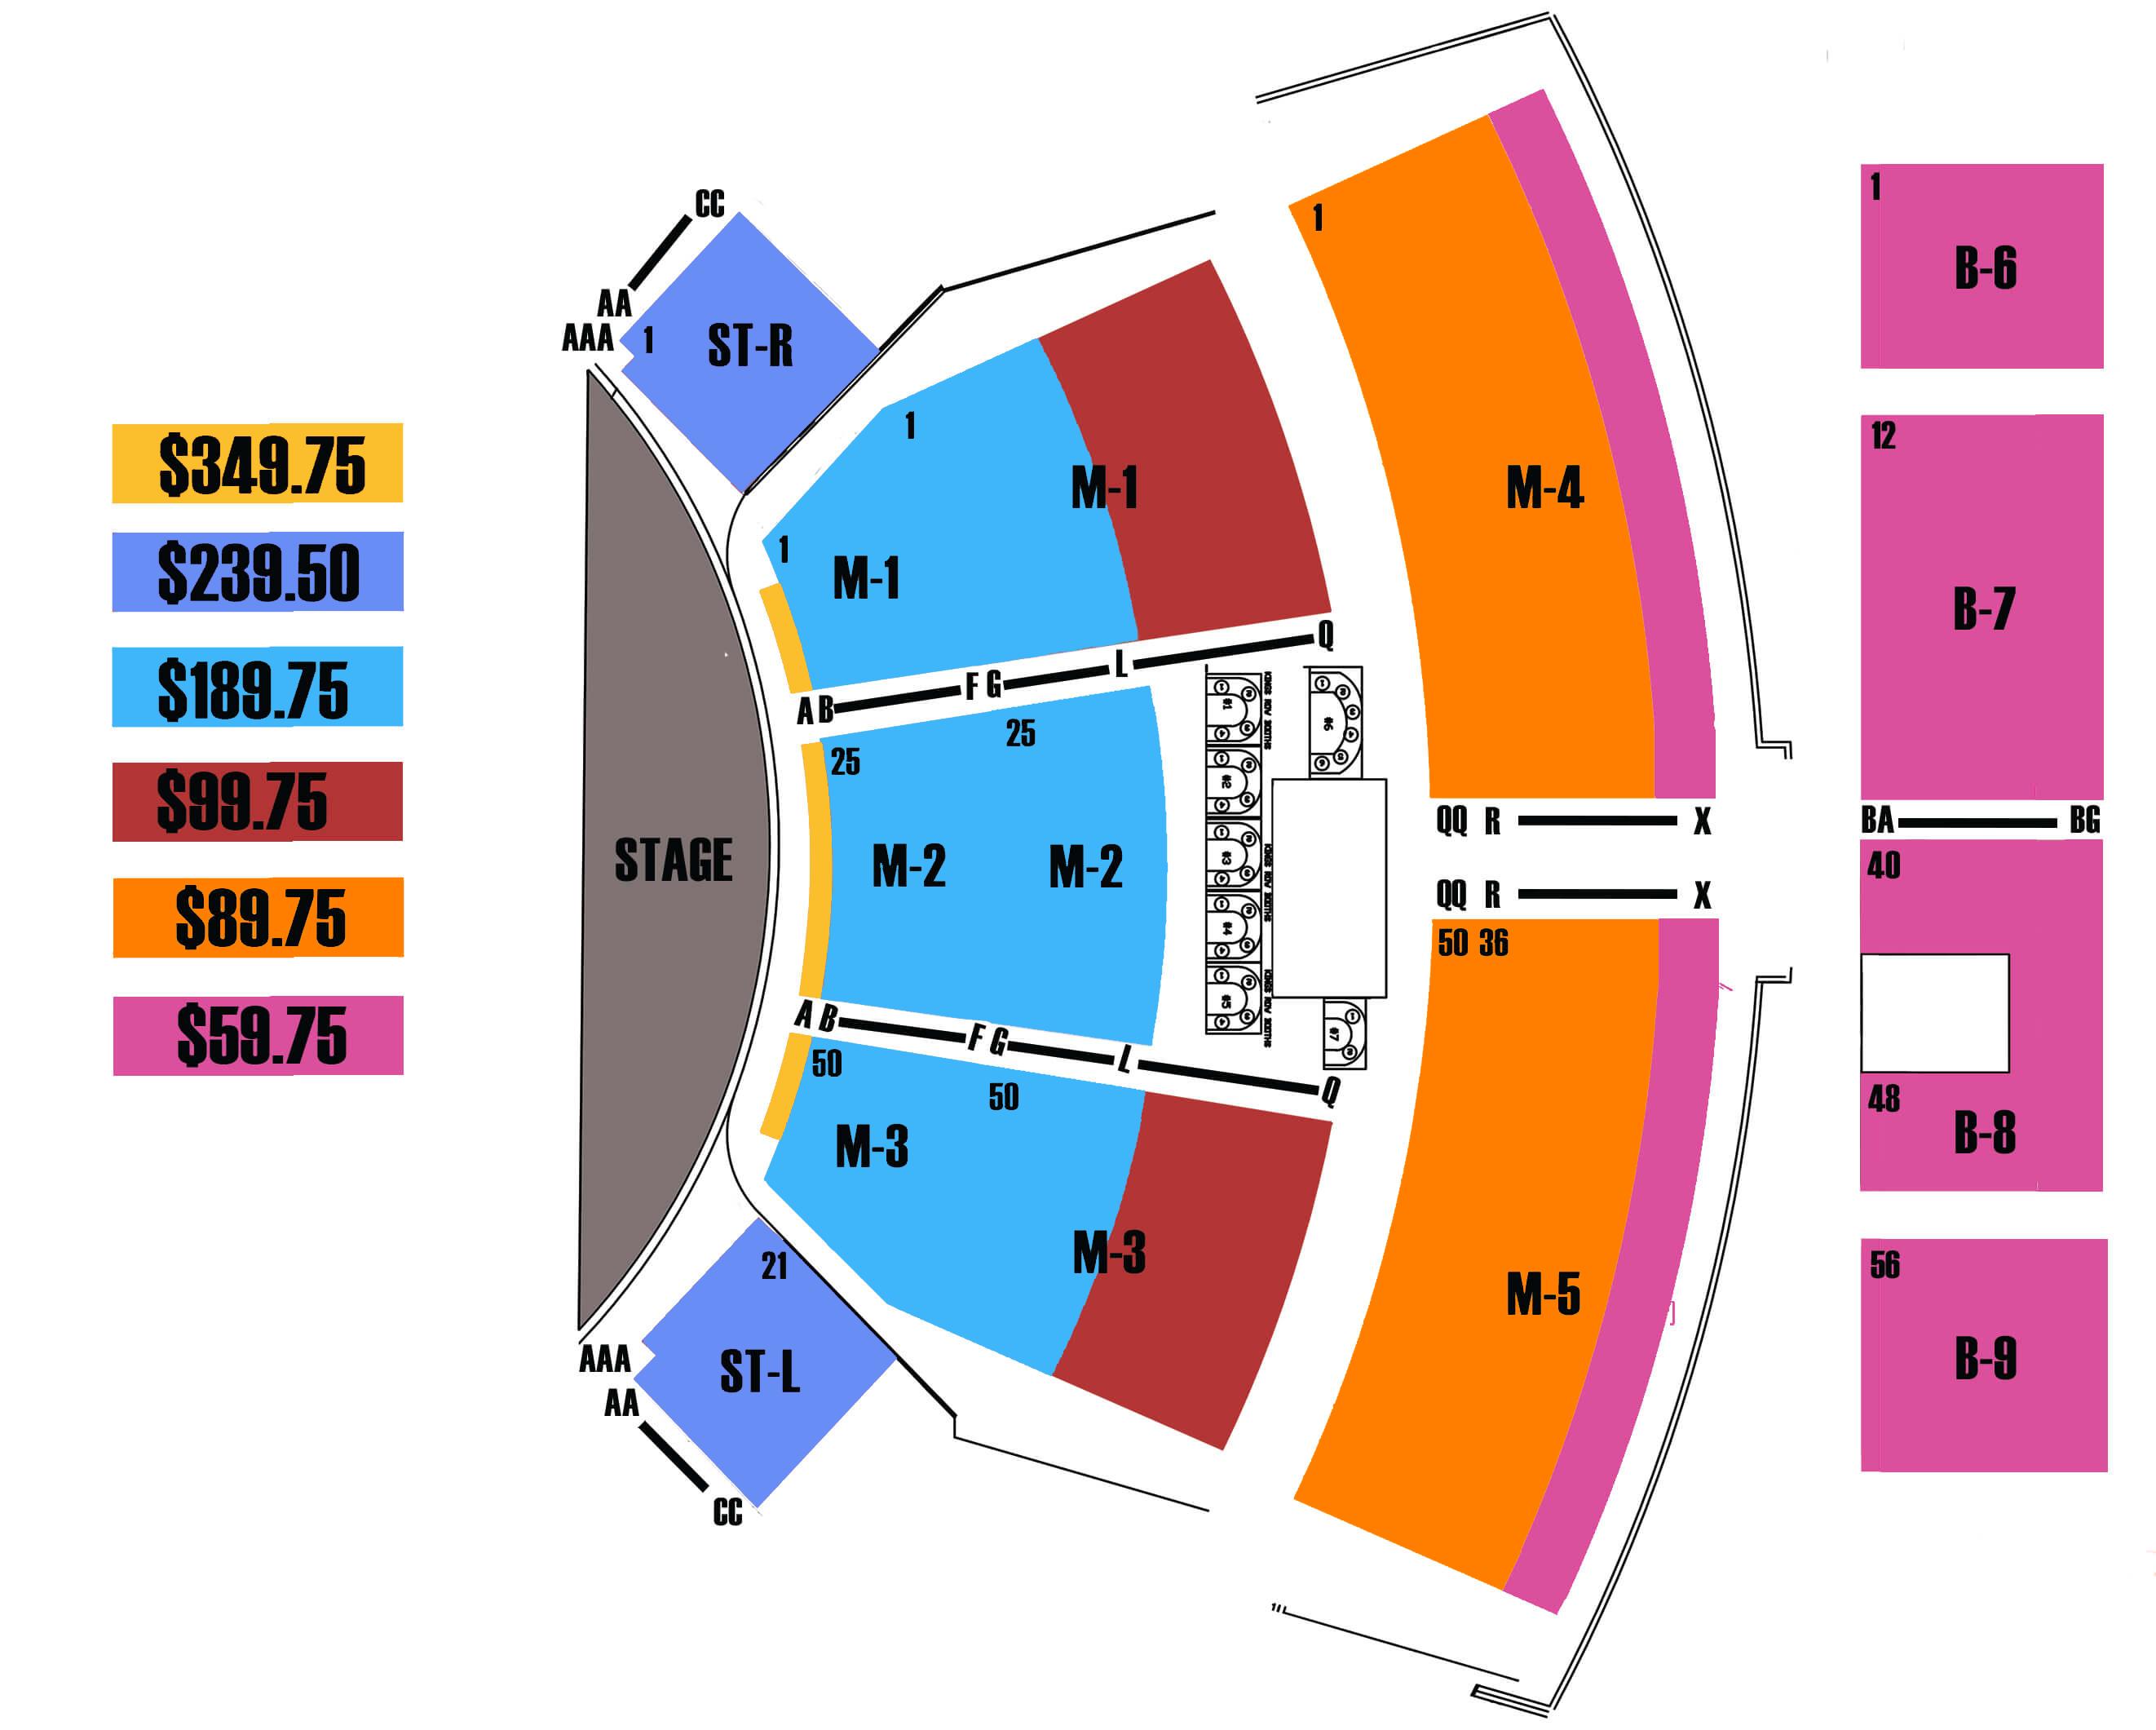 Manilow Las Vegas Seating Chart: Westgate